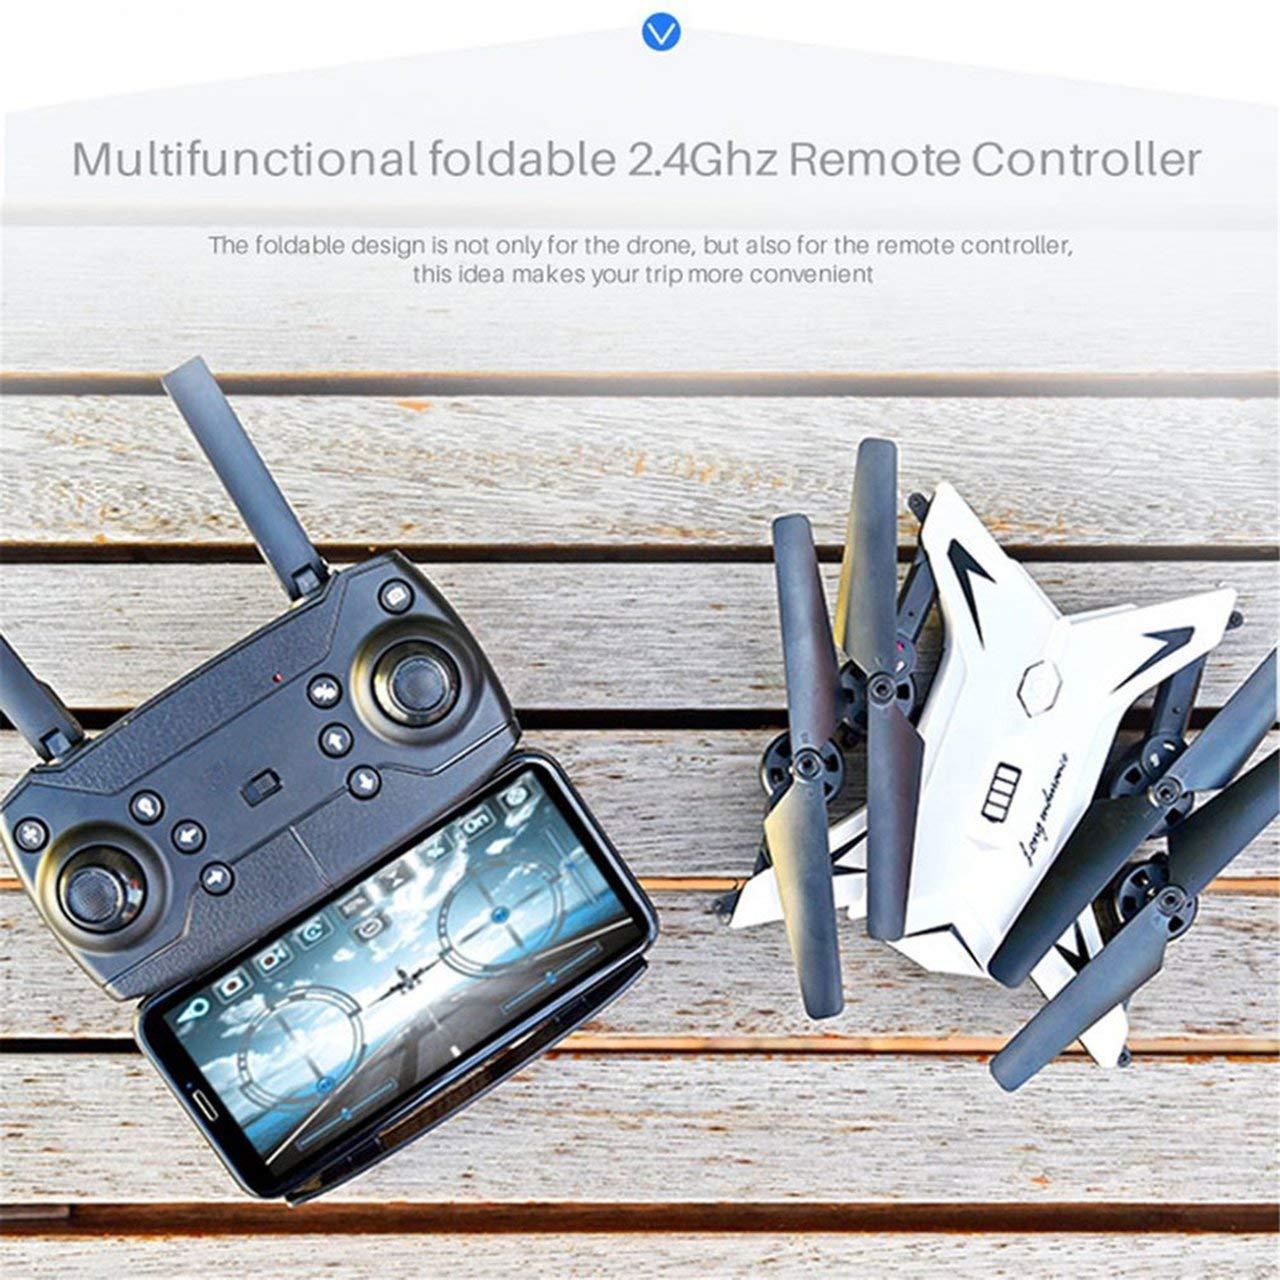 Jasnyfall KY601S Mit 1080W 1080W 1080W Kamera Gravity Sense 20 Min. Spielzeit Dual-Batterie Drone Schwarz a0a633